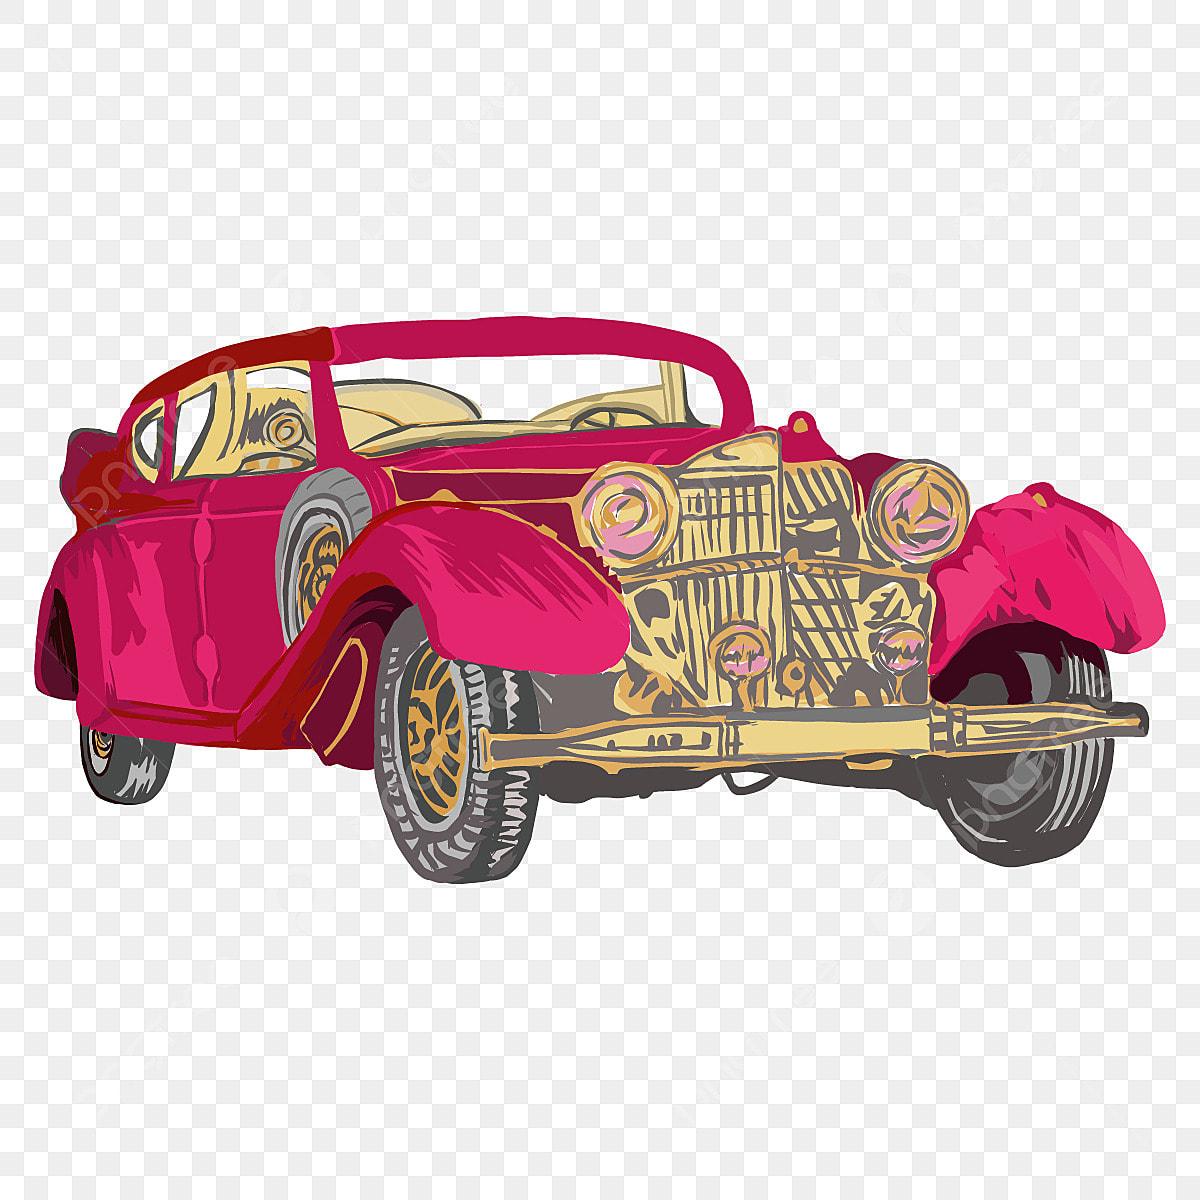 Gambar Ilustrasi Mobil Klasik Merah Dengan Latar Belakang Putih Ikon Bulat Spanduk Bundar Mobil Klasik Png Dan Vektor Dengan Latar Belakang Transparan Untuk Unduh Gratis